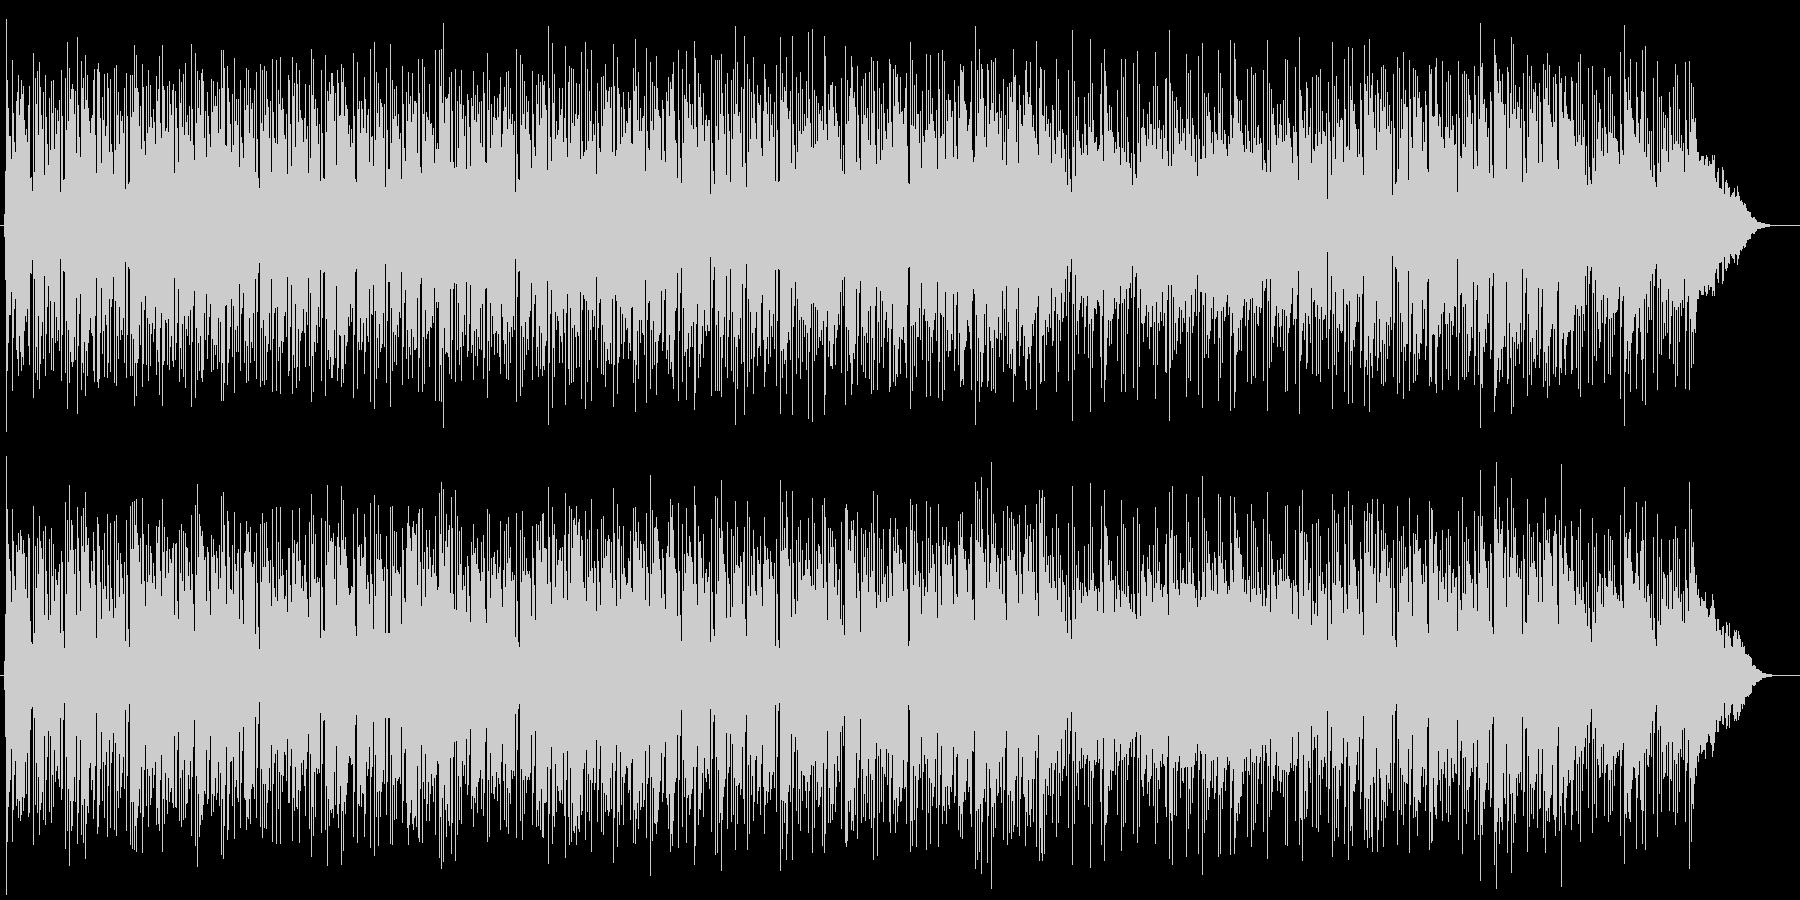 ゆるやかで優しいピアノバラードの未再生の波形